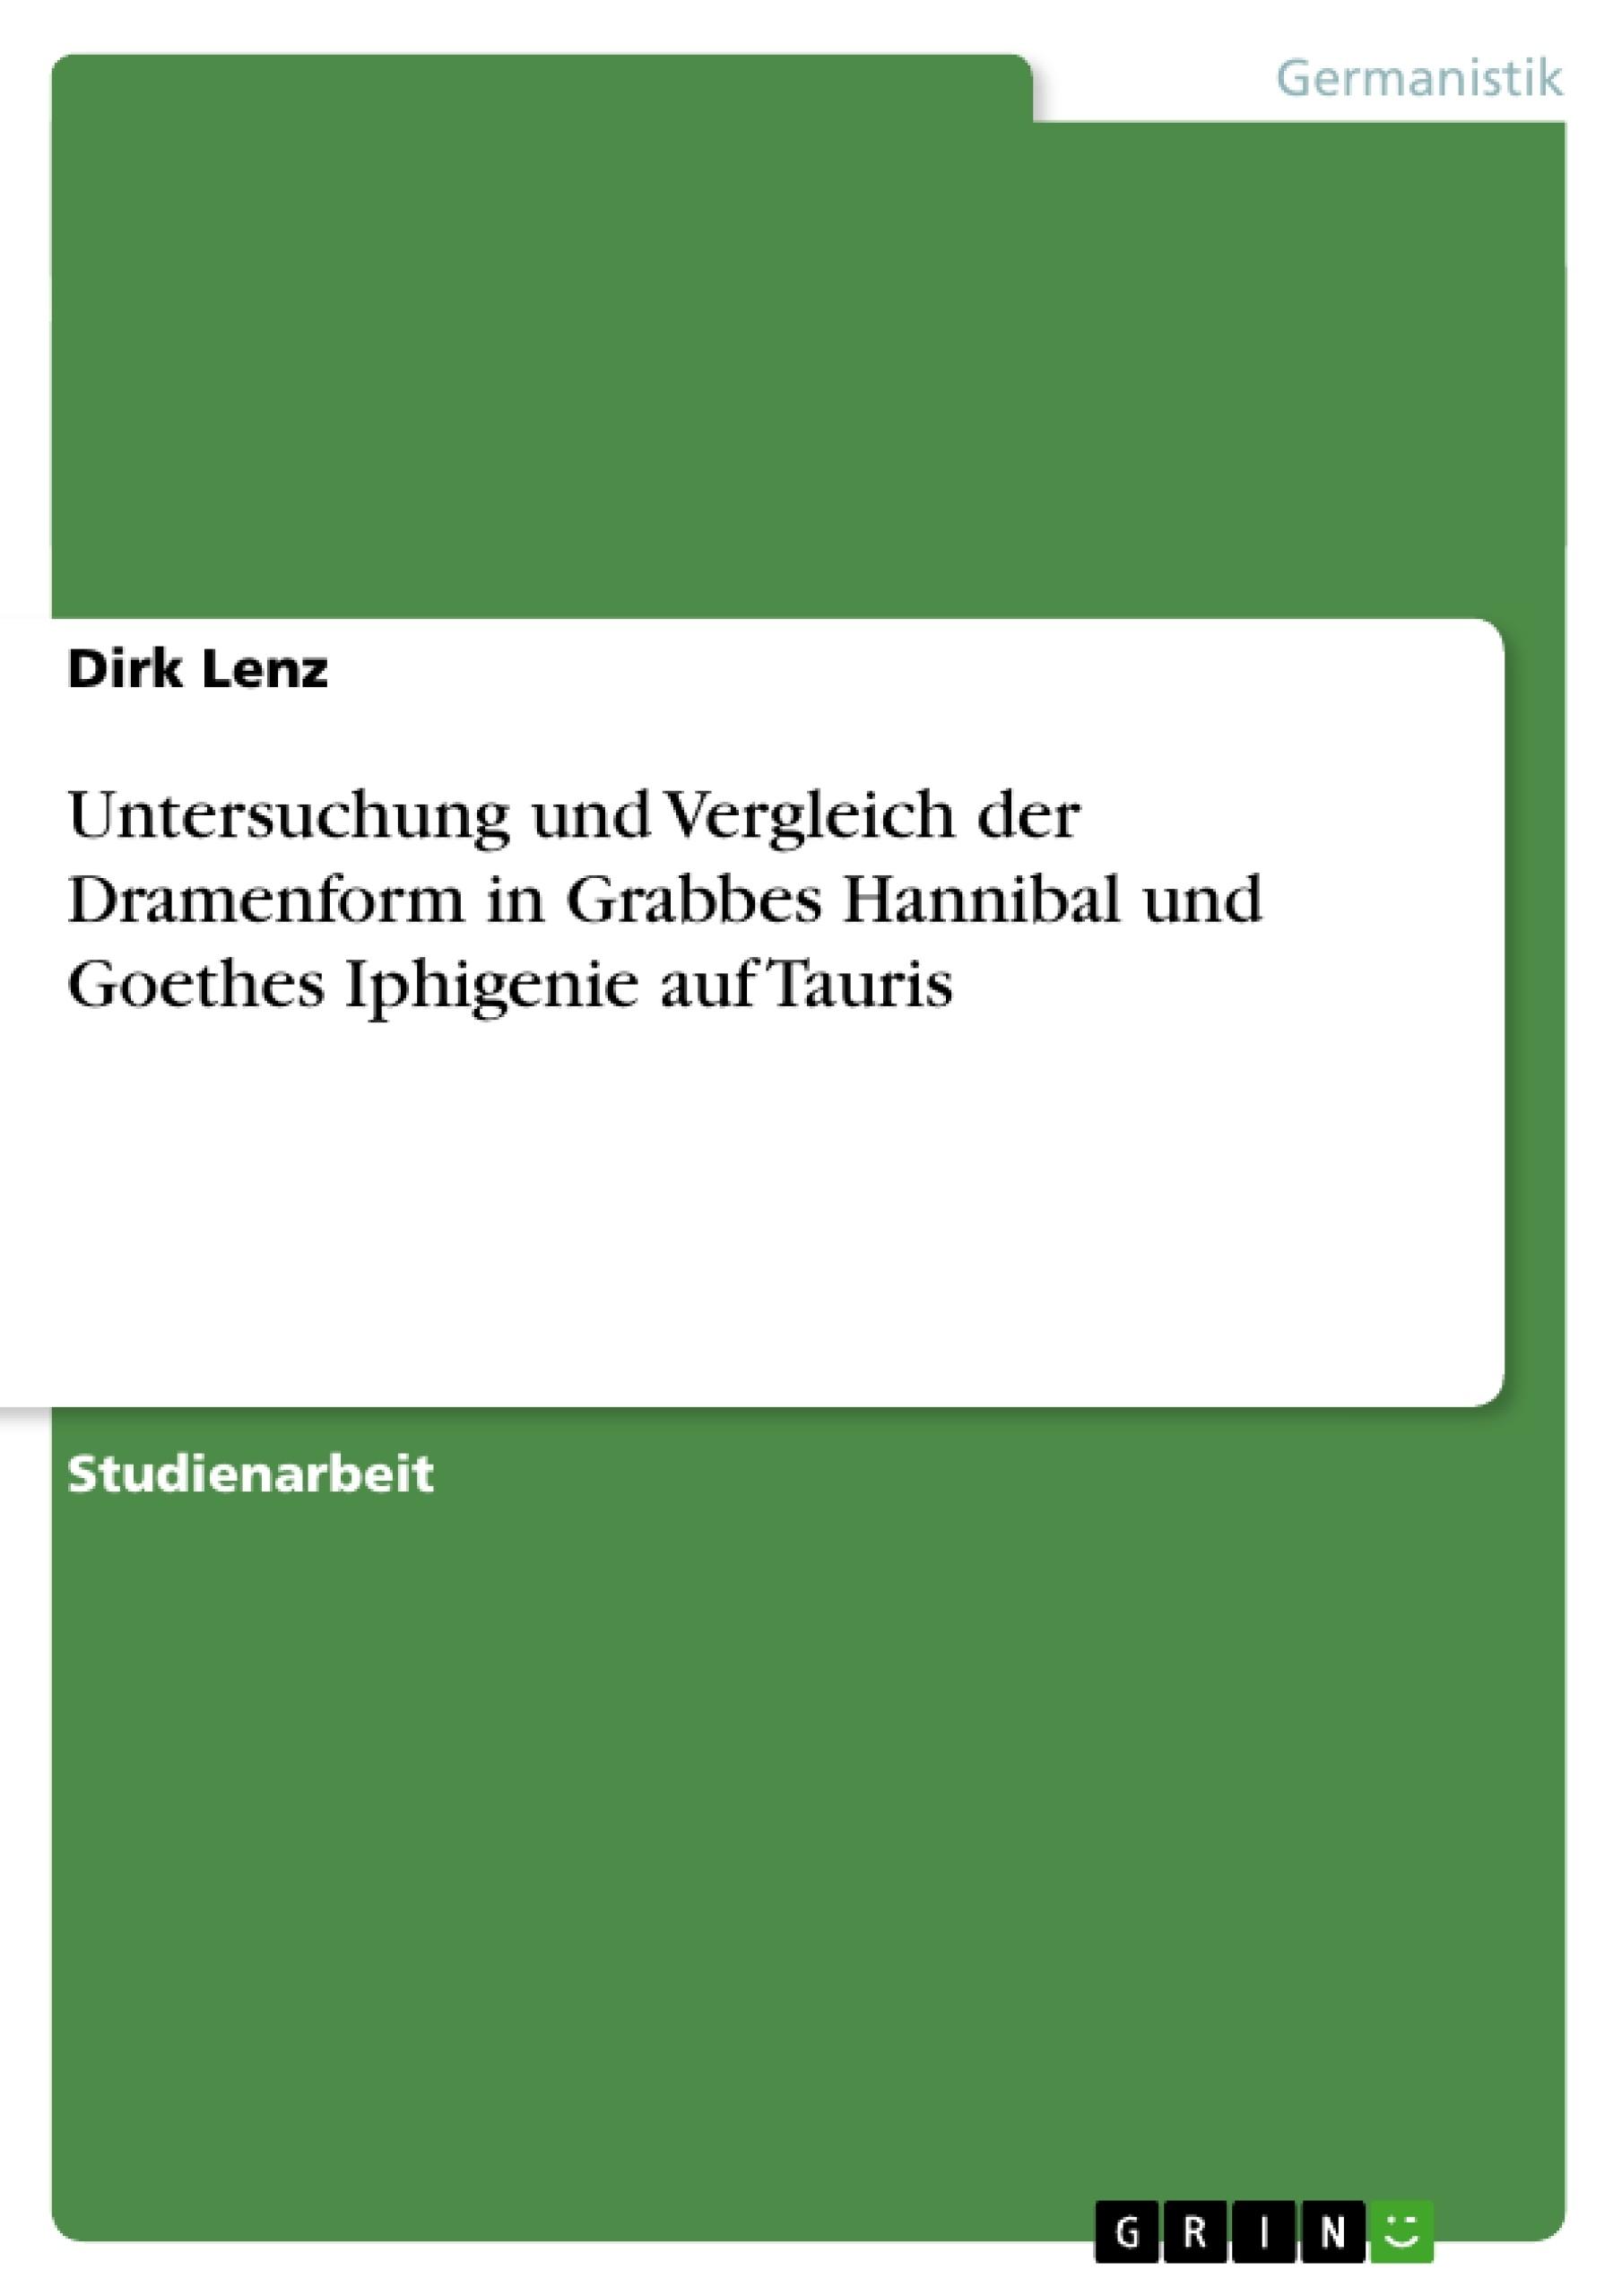 Titel: Untersuchung und Vergleich der Dramenform in Grabbes Hannibal und Goethes Iphigenie auf Tauris